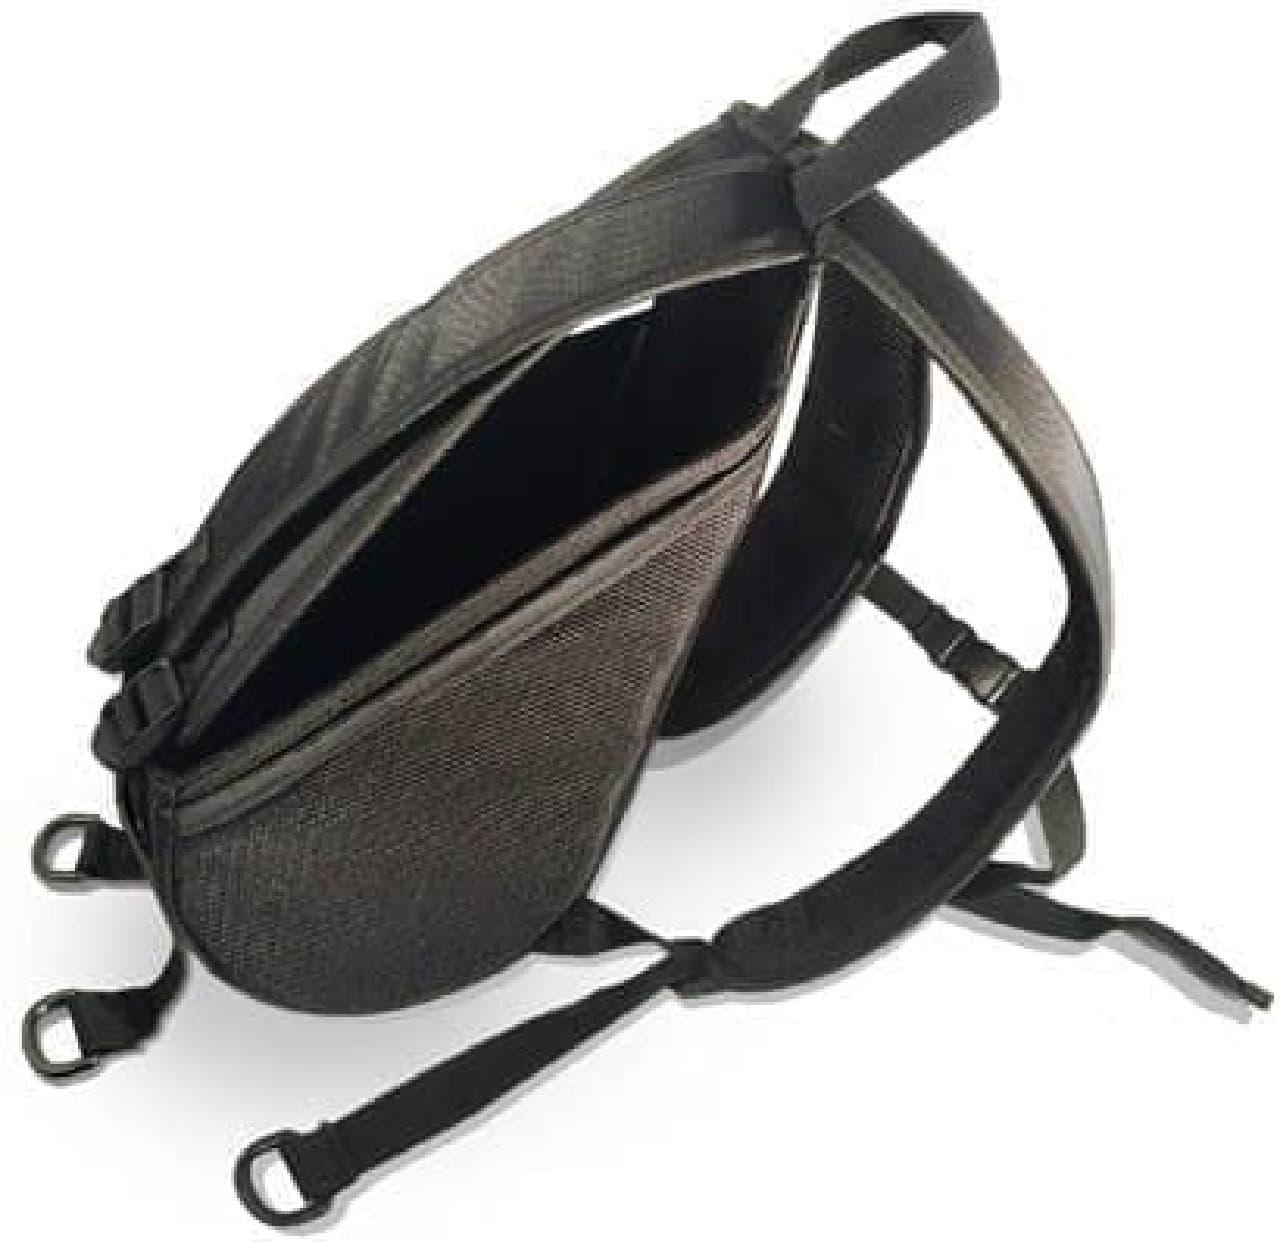 犬専用のバックパック「RUFFIT DOG CARRIER」